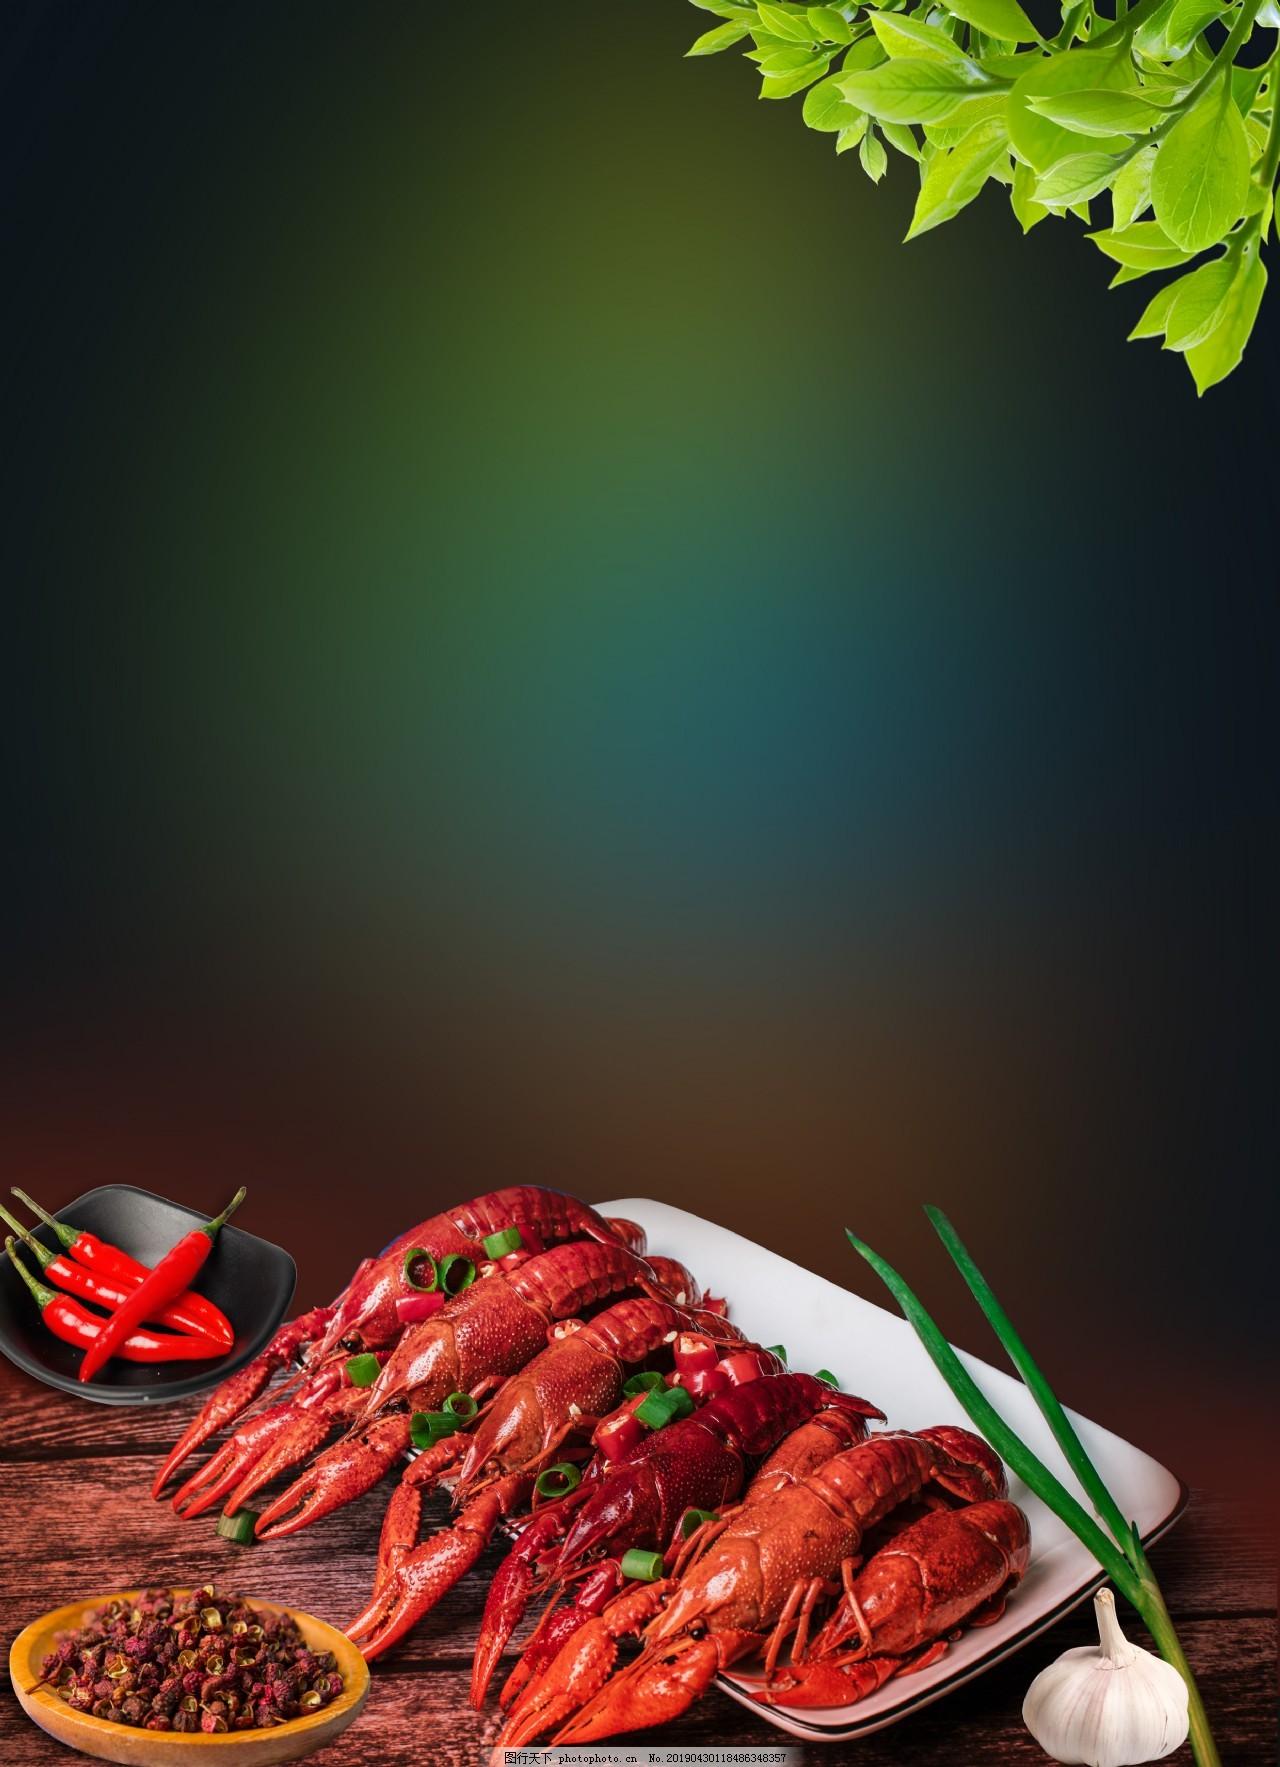 小龙虾海鲜模糊彩色黑色背景